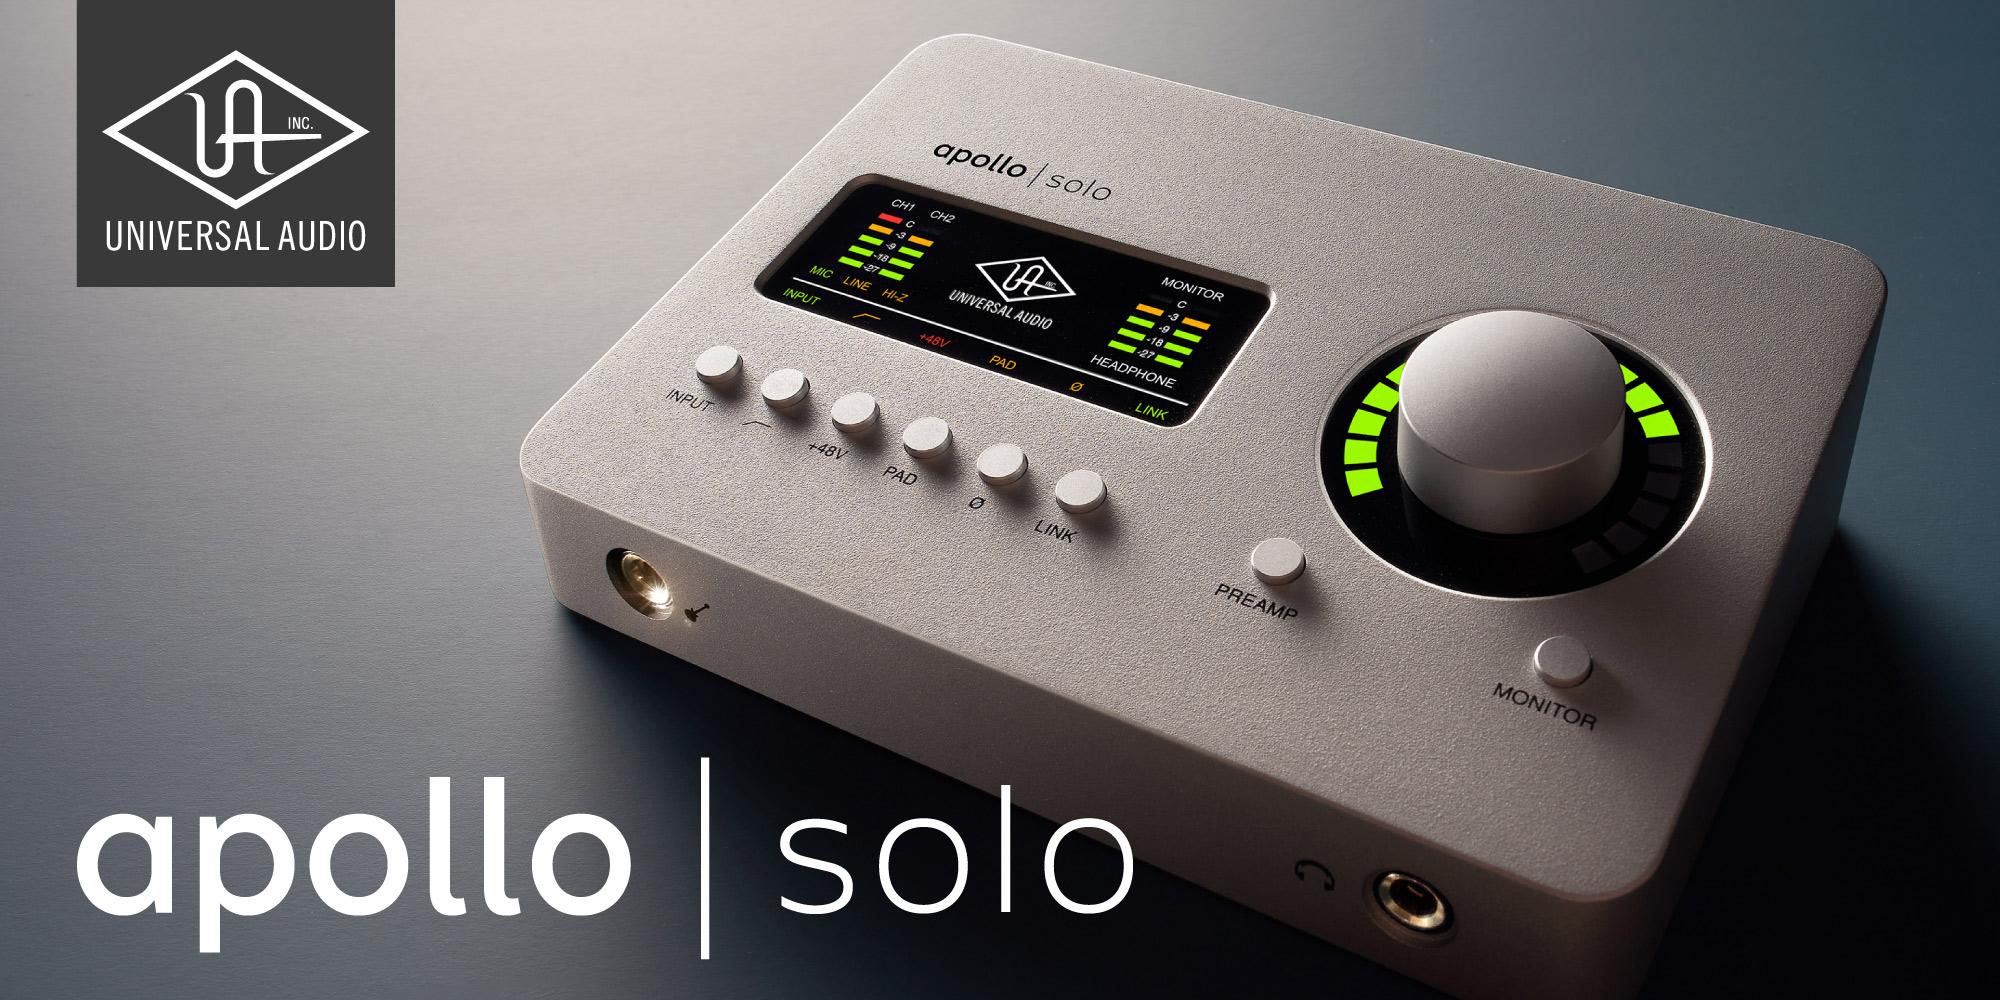 Unison機能を搭載したApolloシリーズ最小モデル『Apollo Solo』